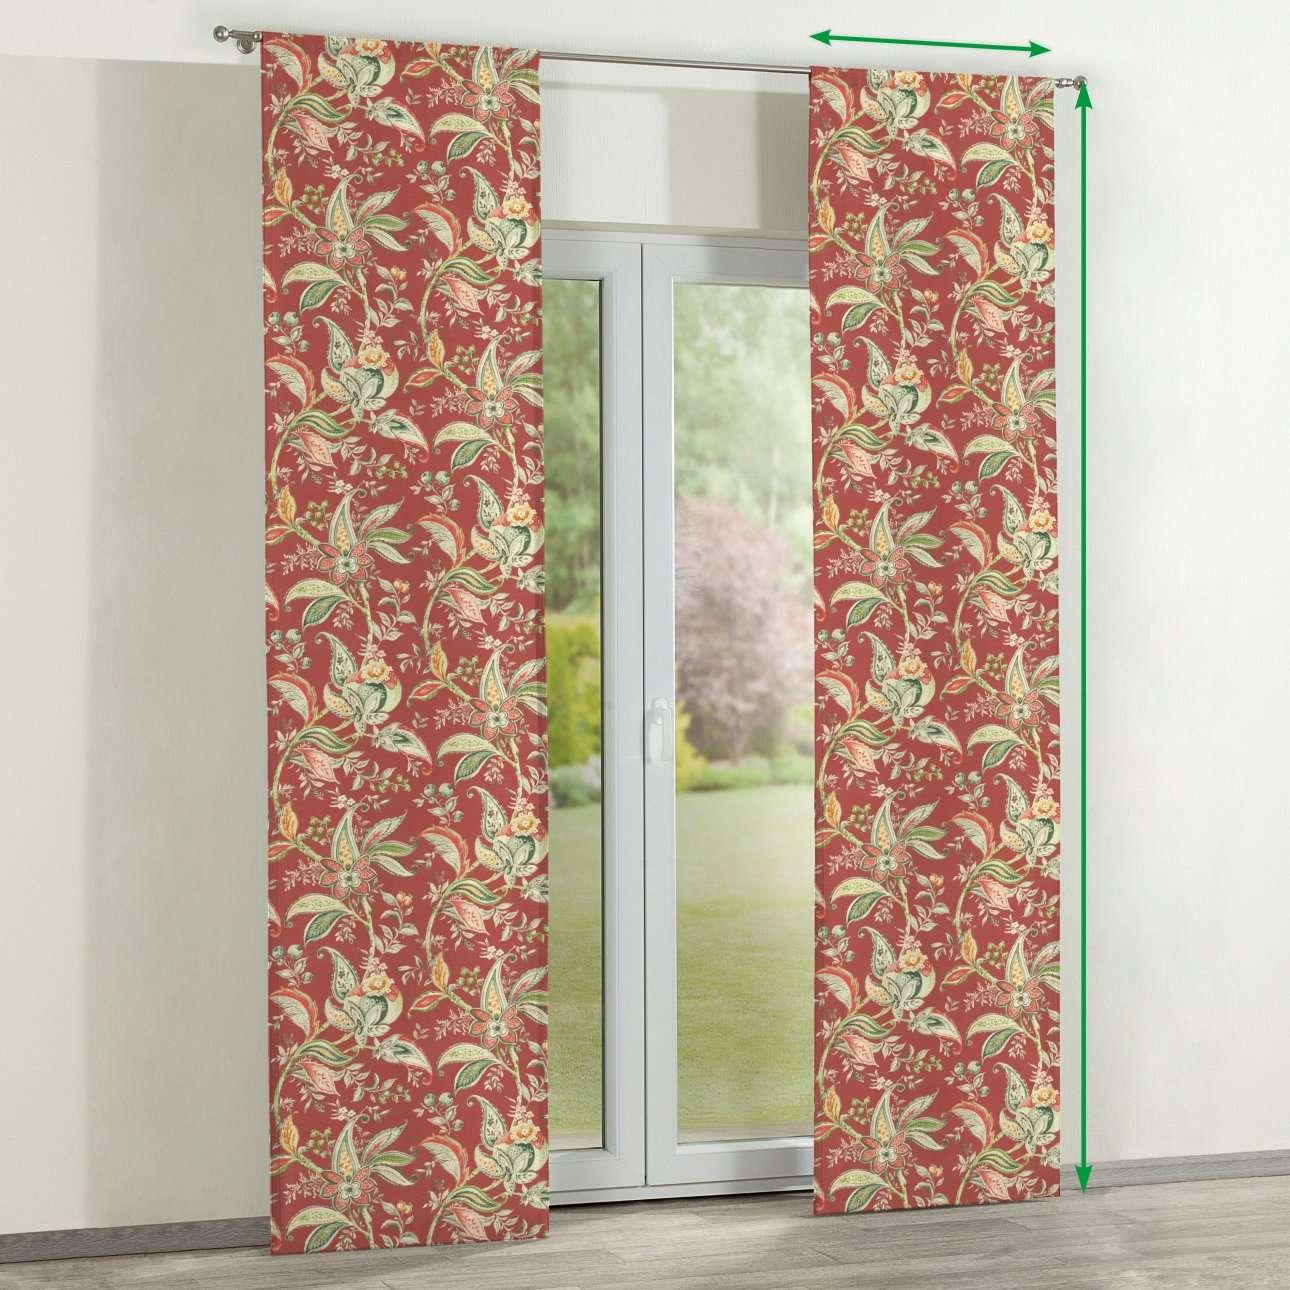 Zasłony panelowe 2 szt. w kolekcji Gardenia, tkanina: 142-12